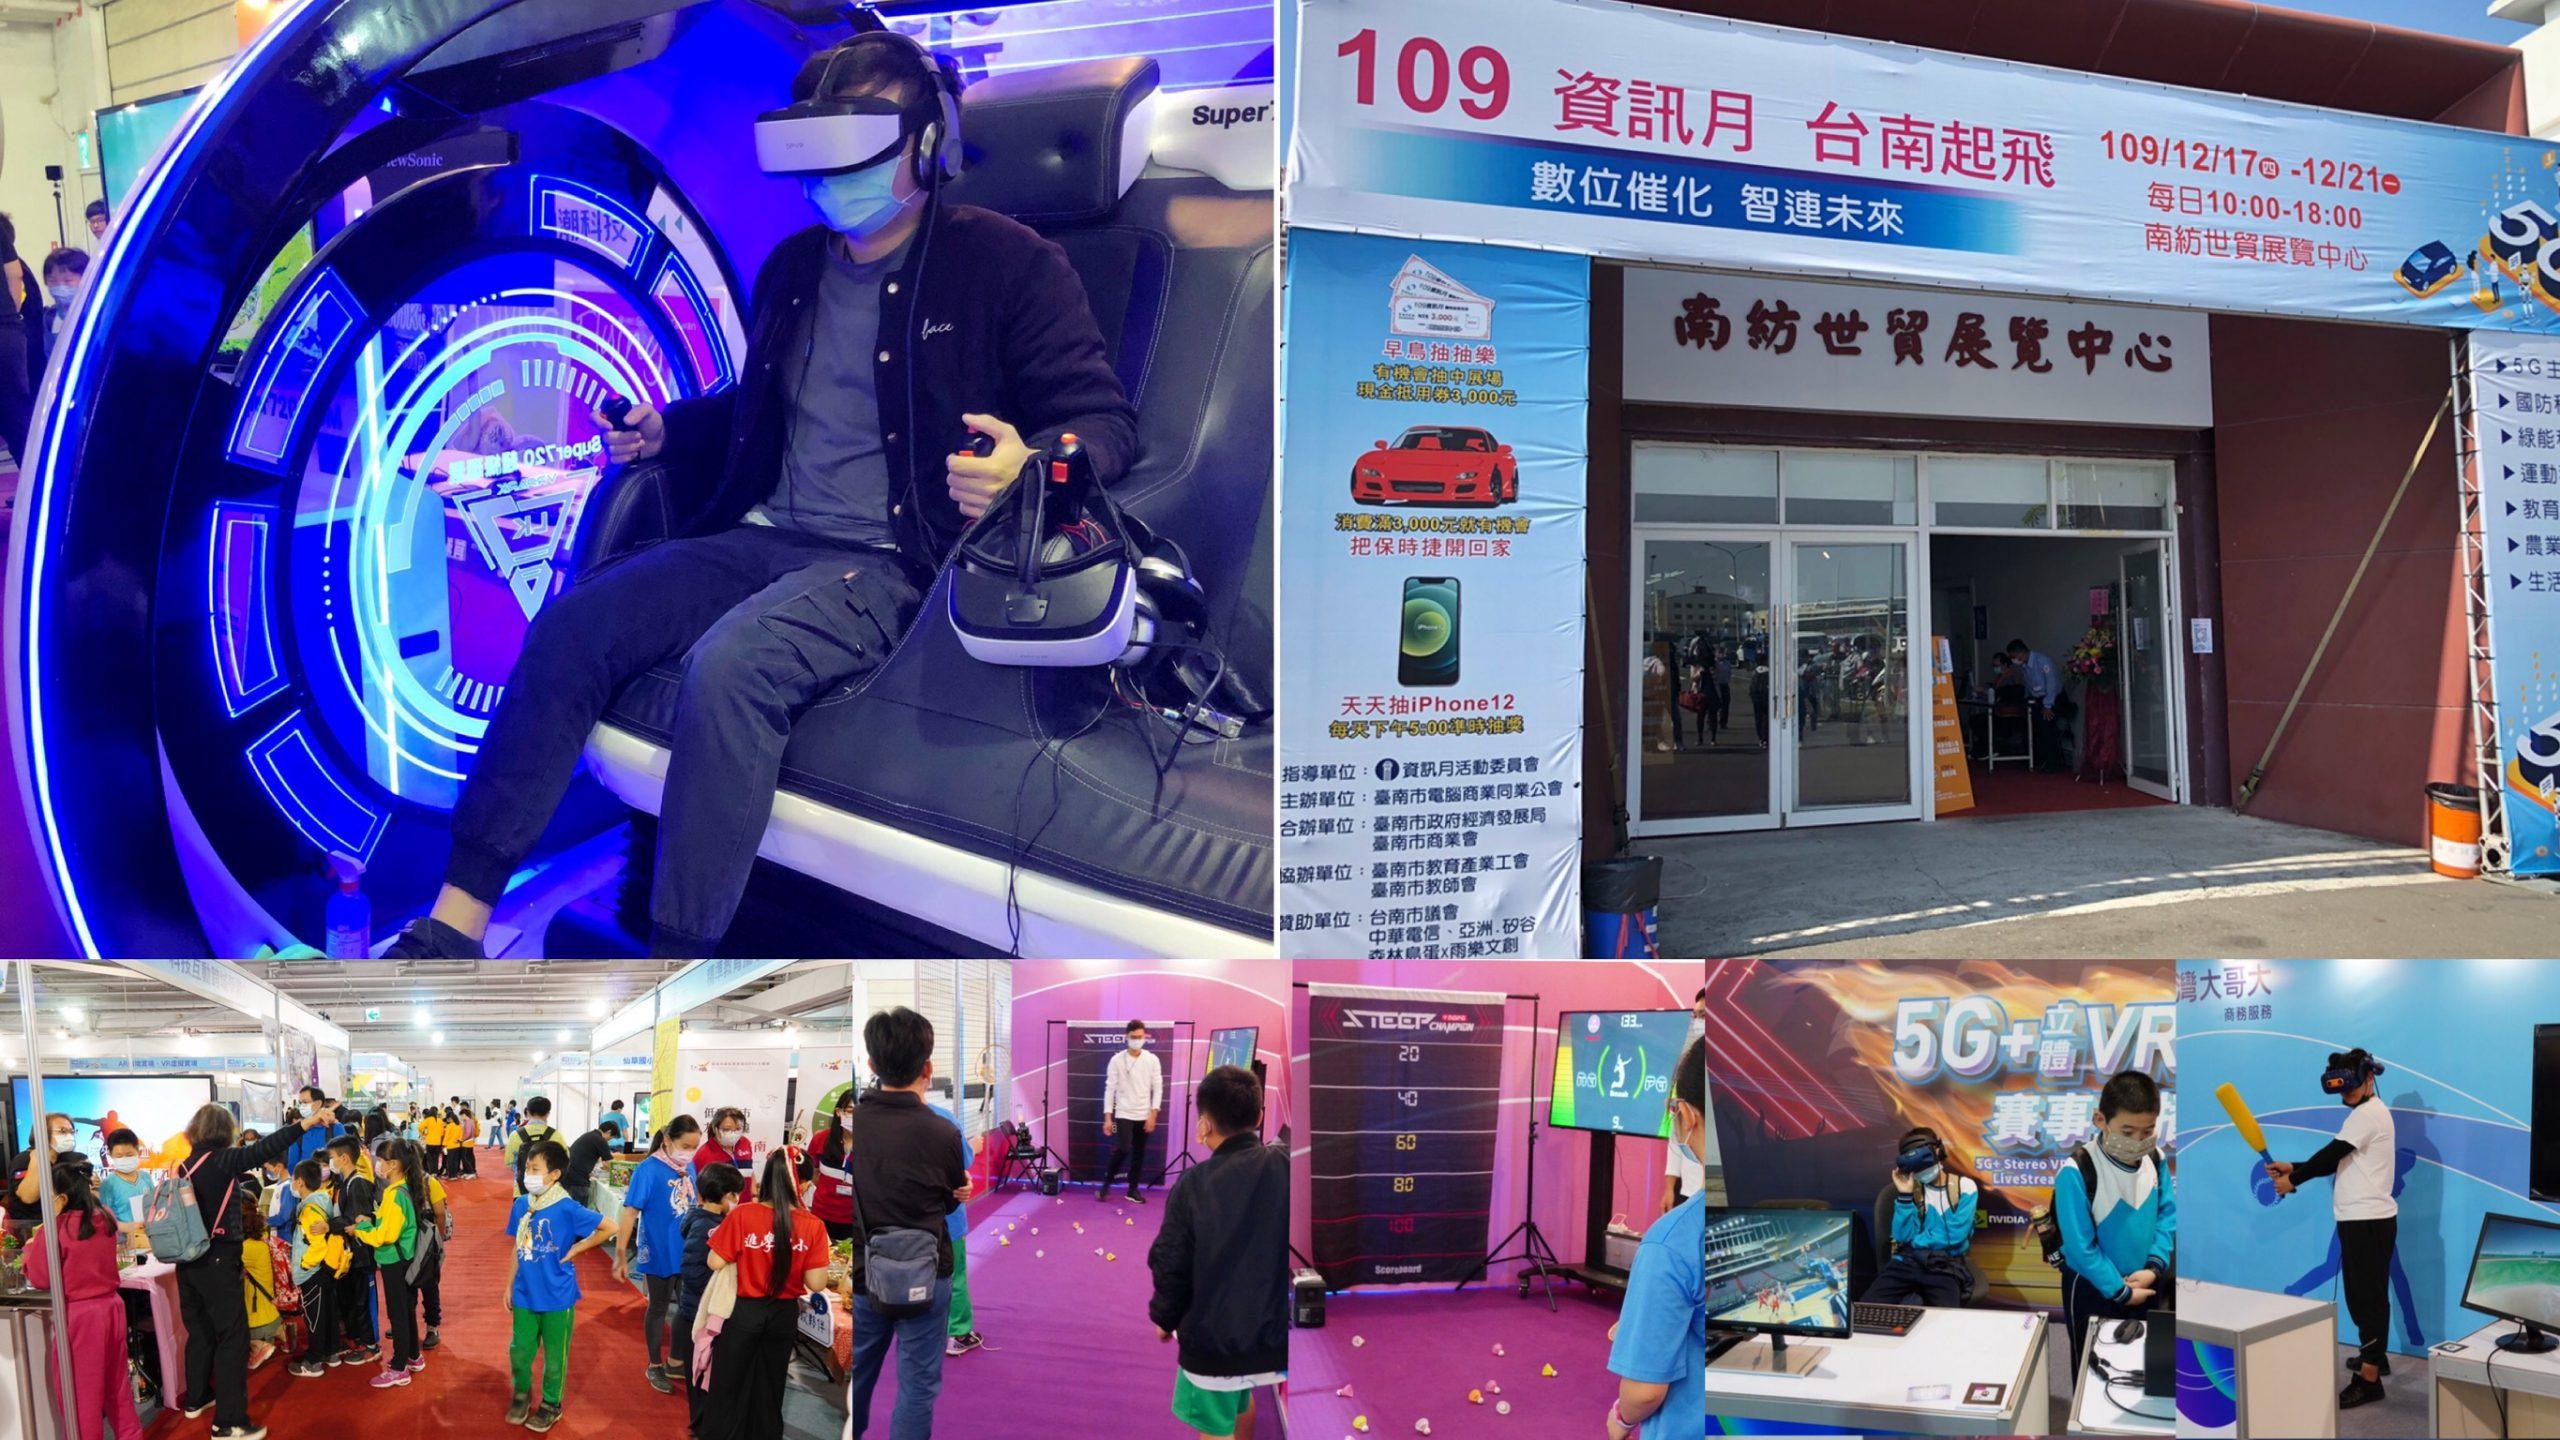 限時五天!台南資訊月開跑了 天天抽iphone12 最大獎保時捷跑車 還有250個早鳥紅包袋等你拿 太狂了